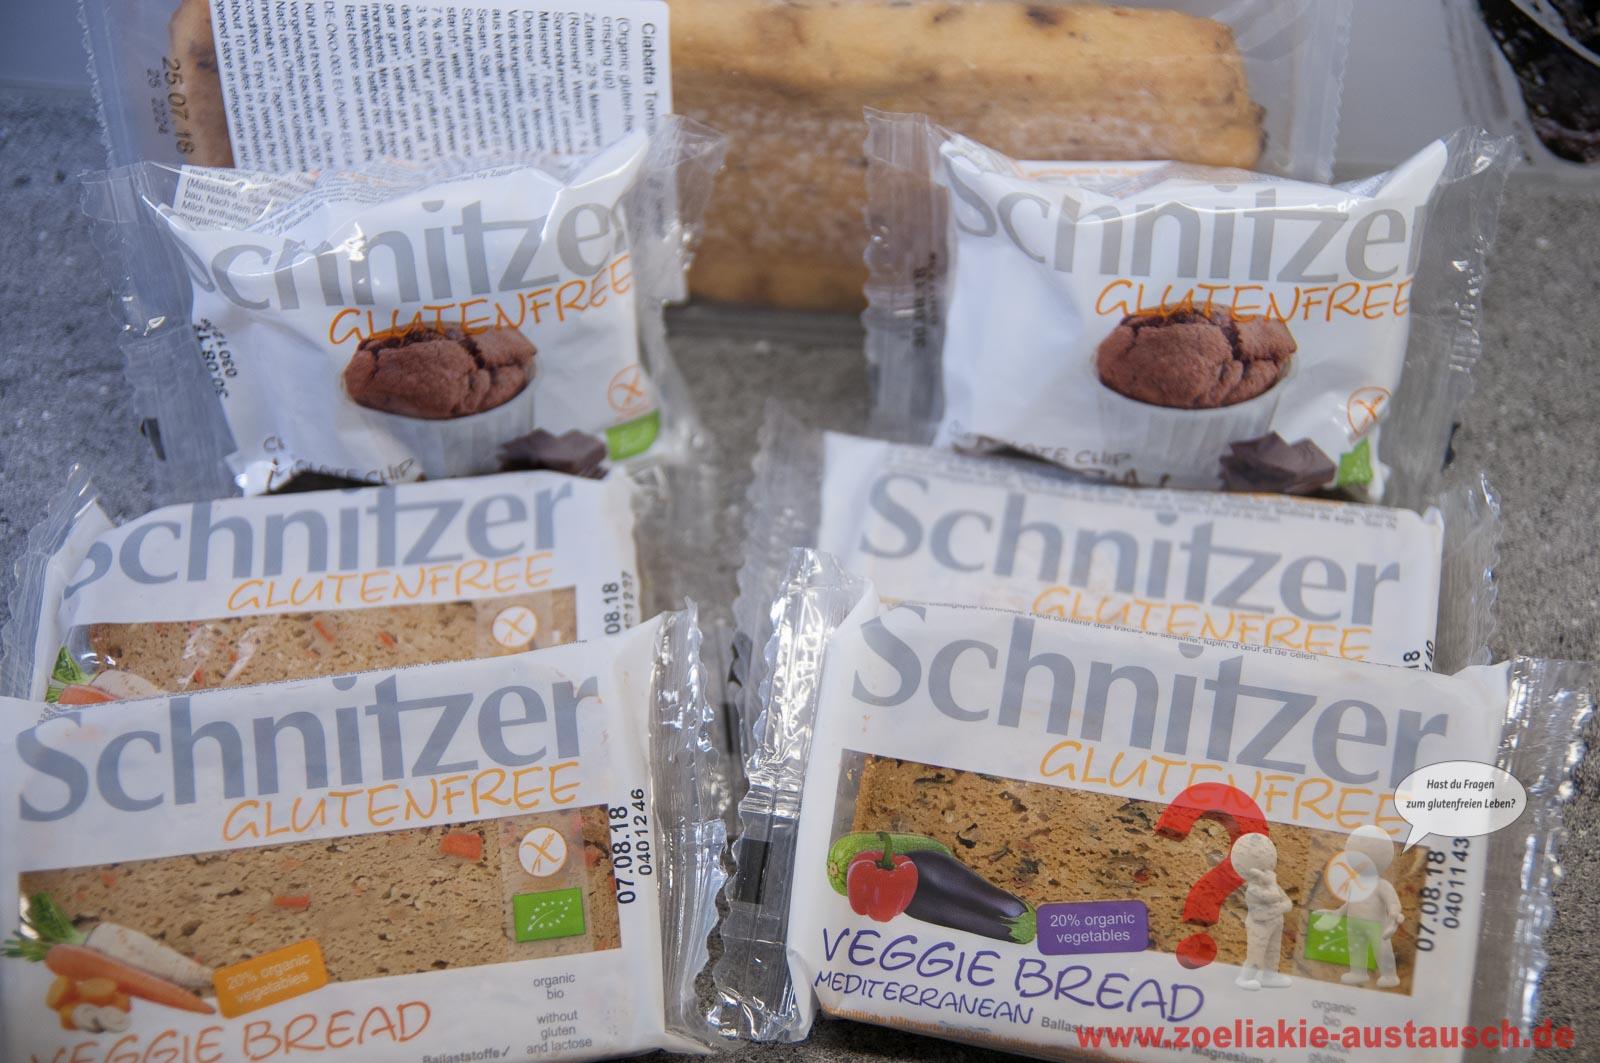 Schnitzer_BioFach_Zoeliakie_Austausch_011